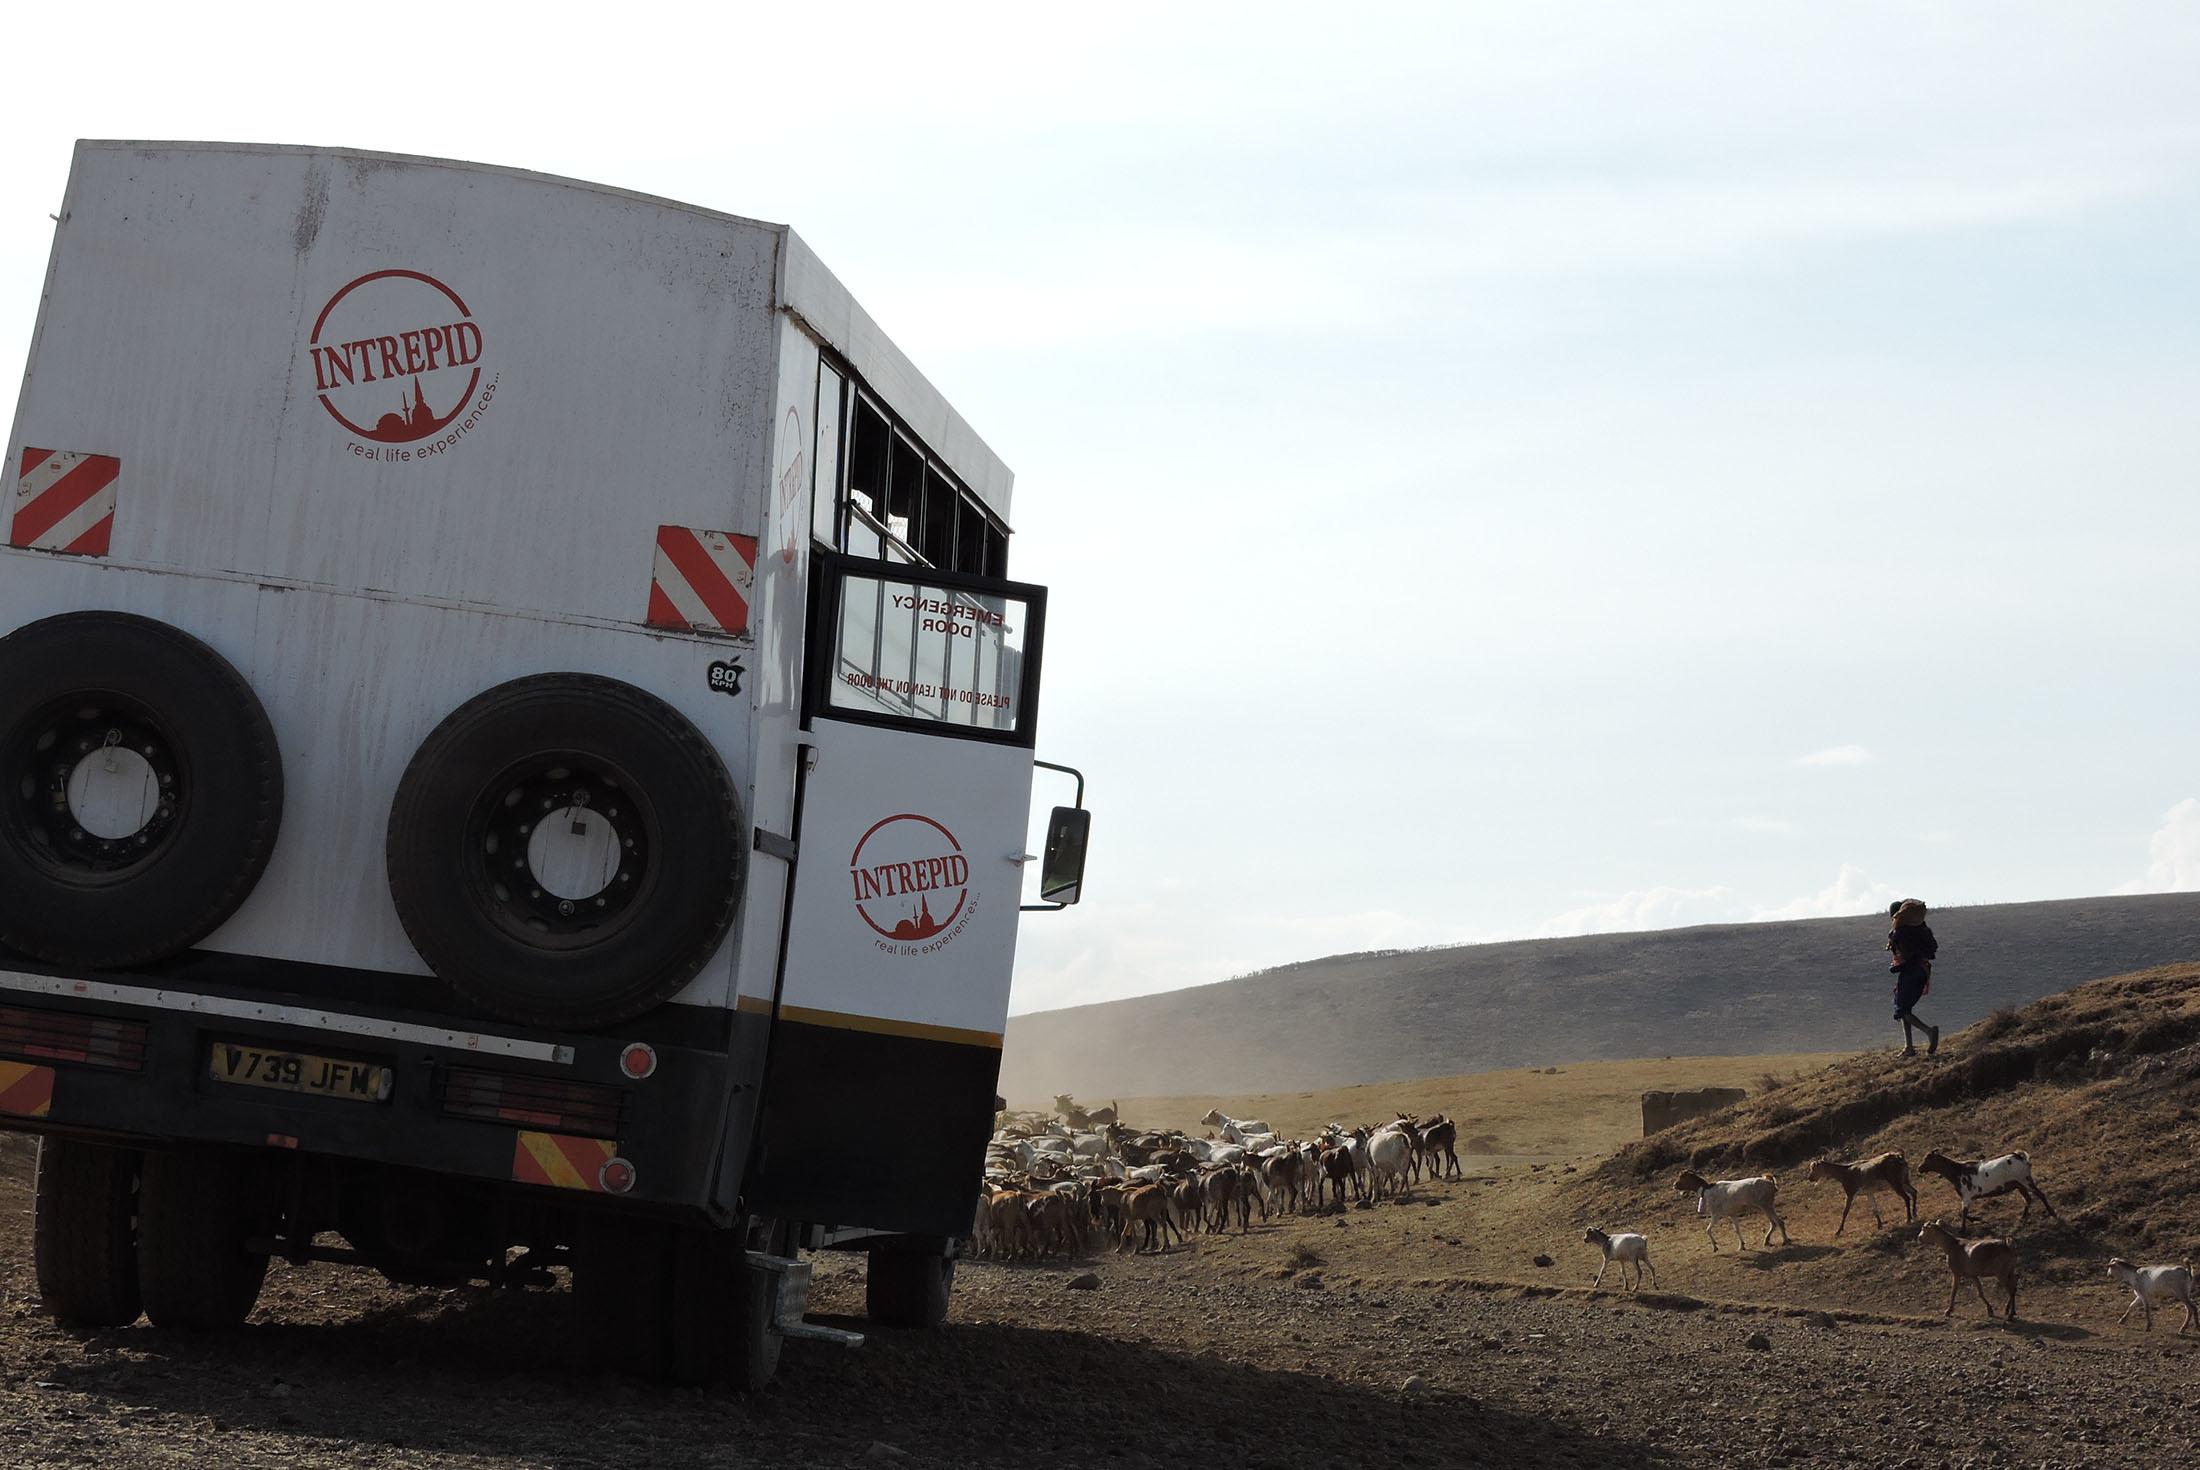 Safari to Kilimanjaro - Machame Route Tanzania, Africa